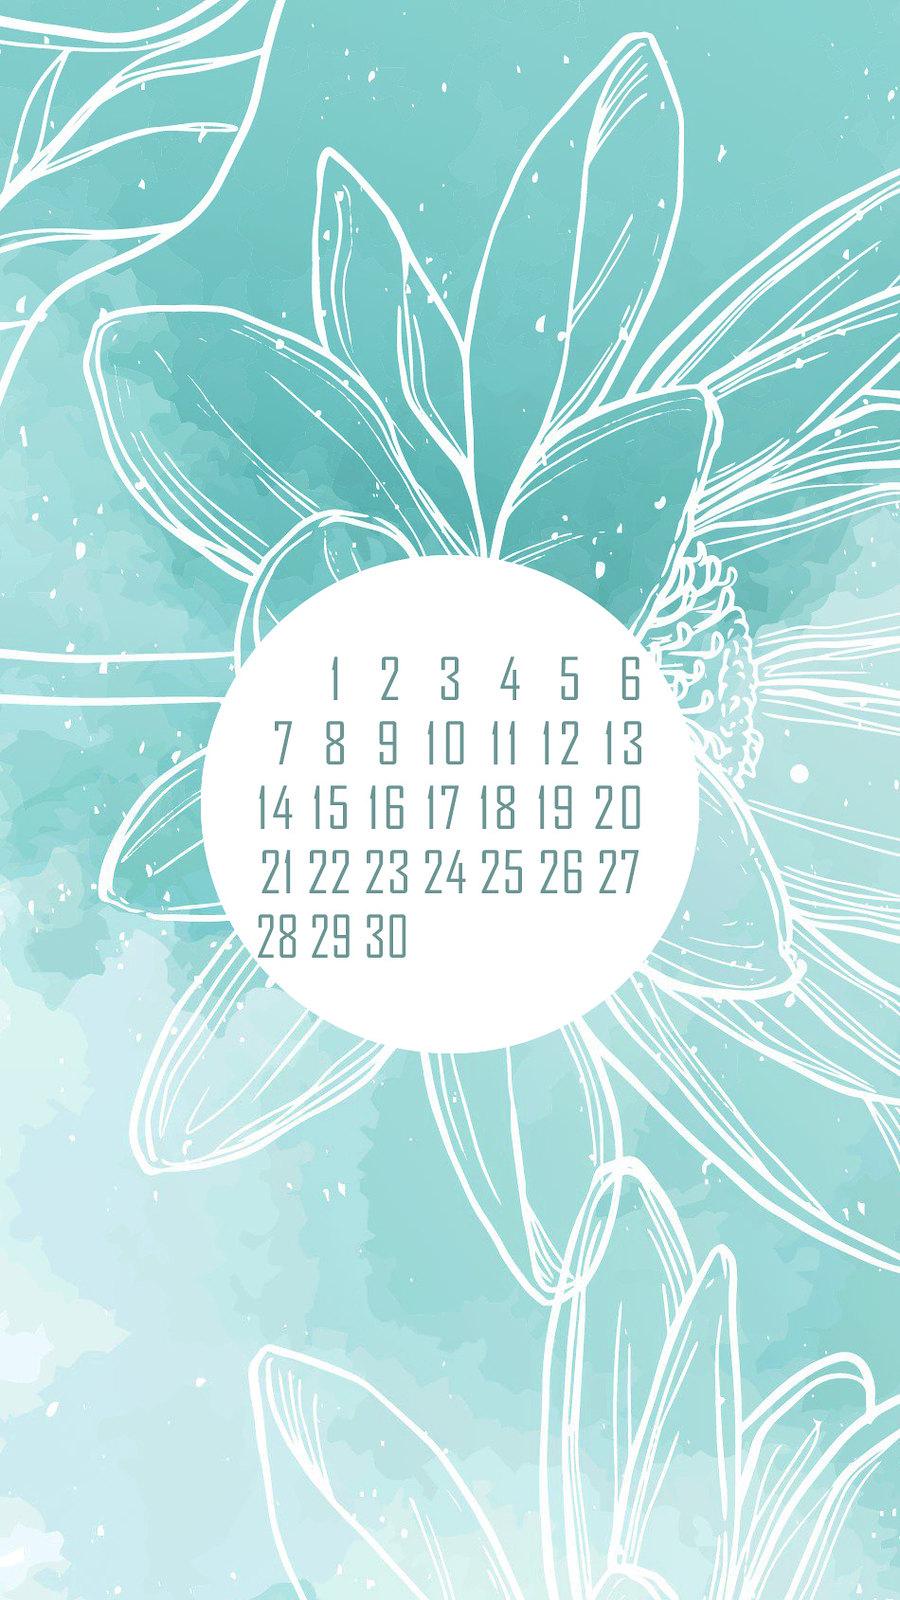 календарь на июнь '21, заставка на смартфон, district-f.org 1